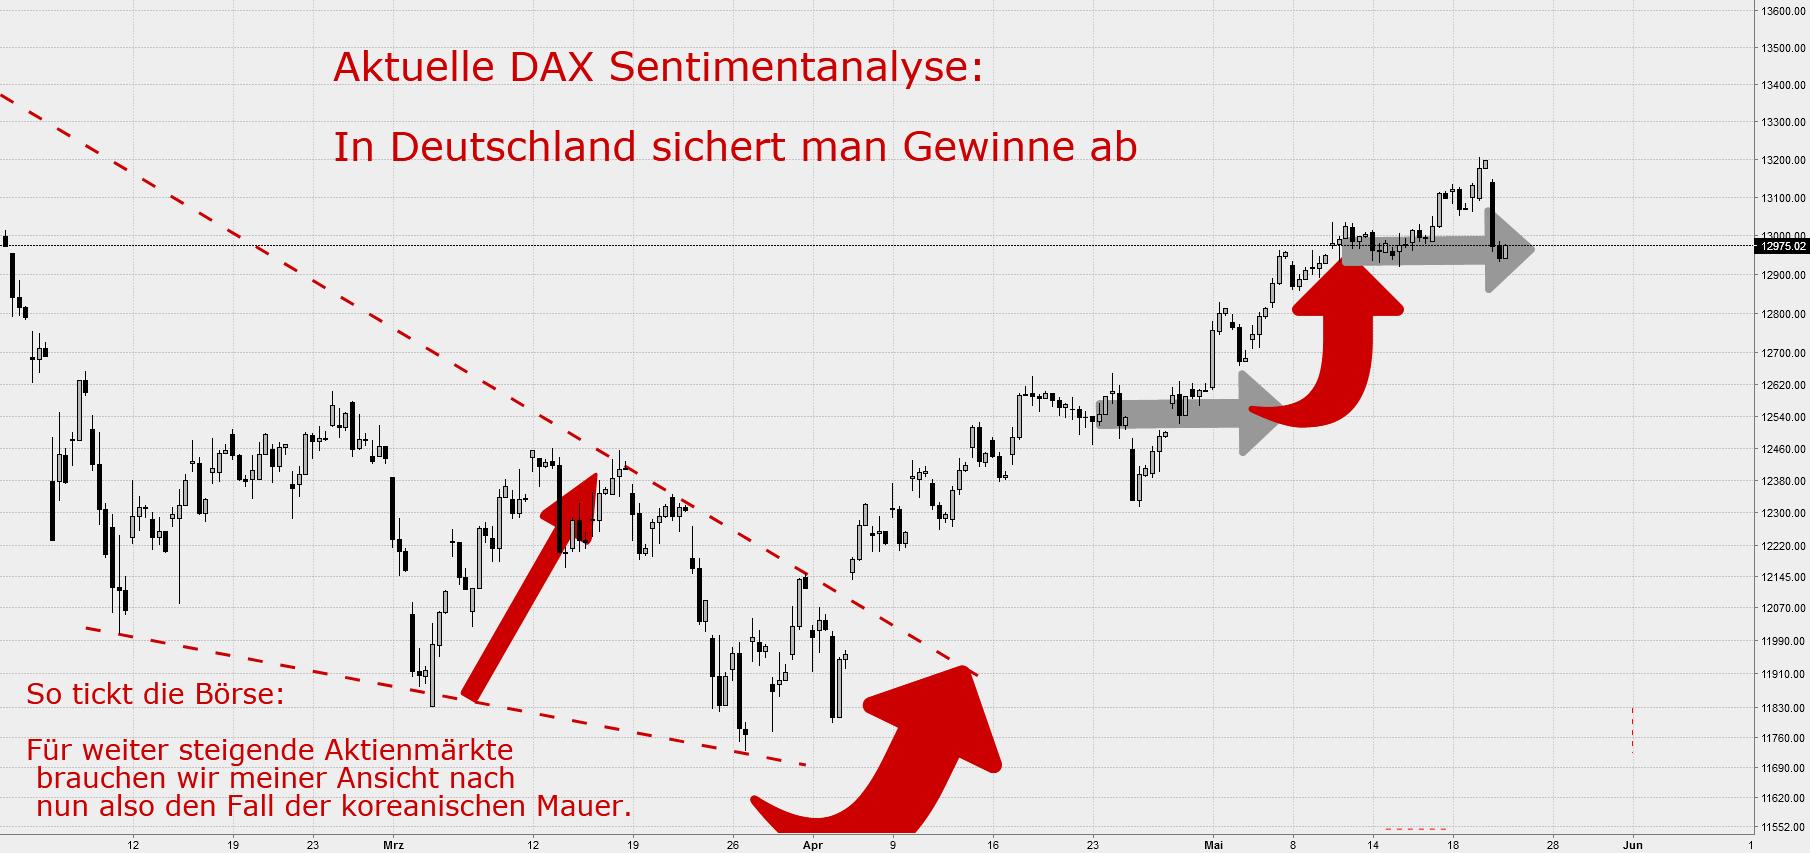 DAX Sentiment Analyse: In Deutschland sichert man Gewinne ab